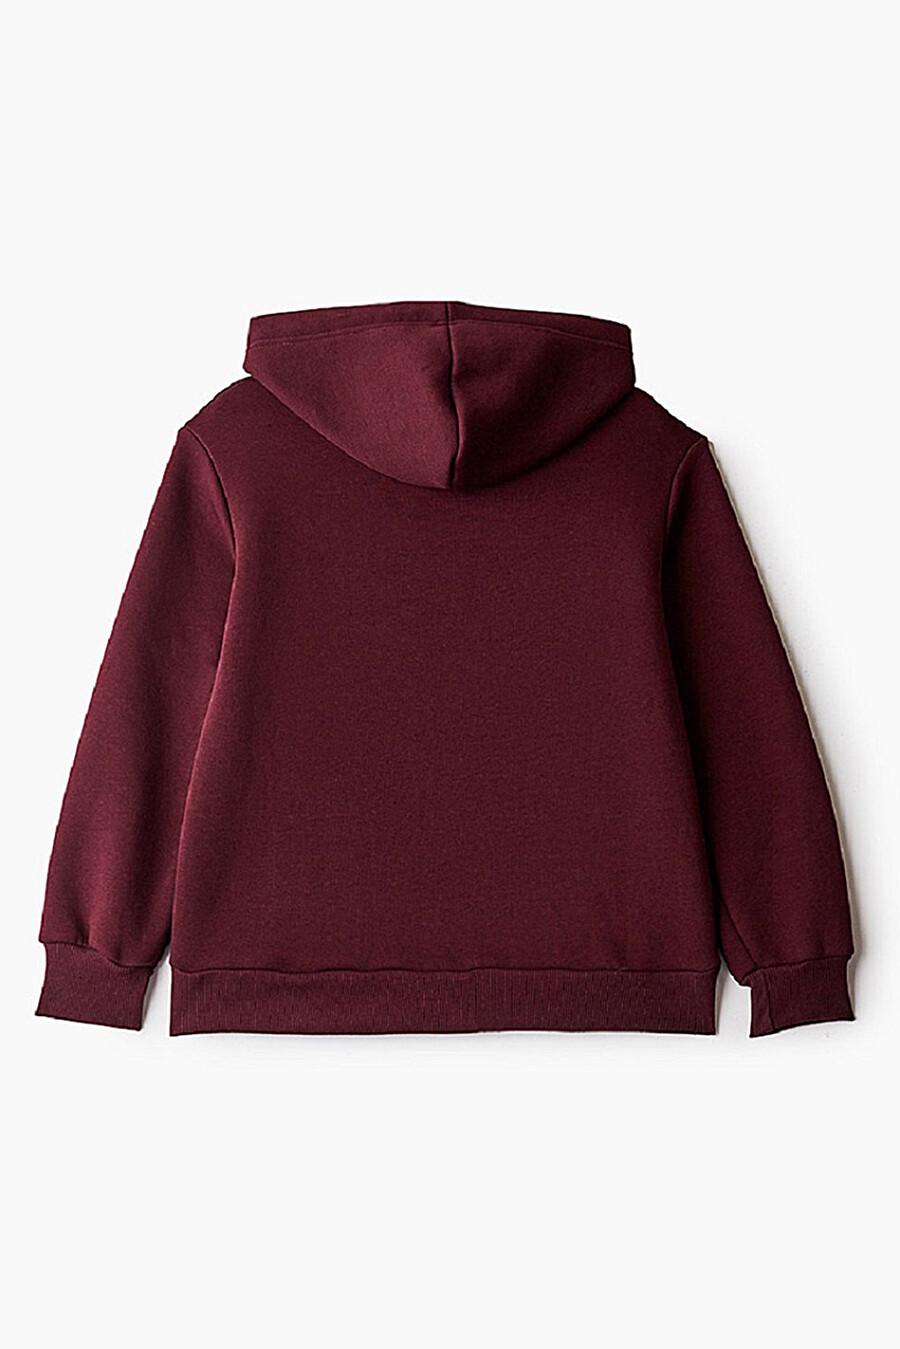 Худи для девочек ELARIA 261238 купить оптом от производителя. Совместная покупка детской одежды в OptMoyo